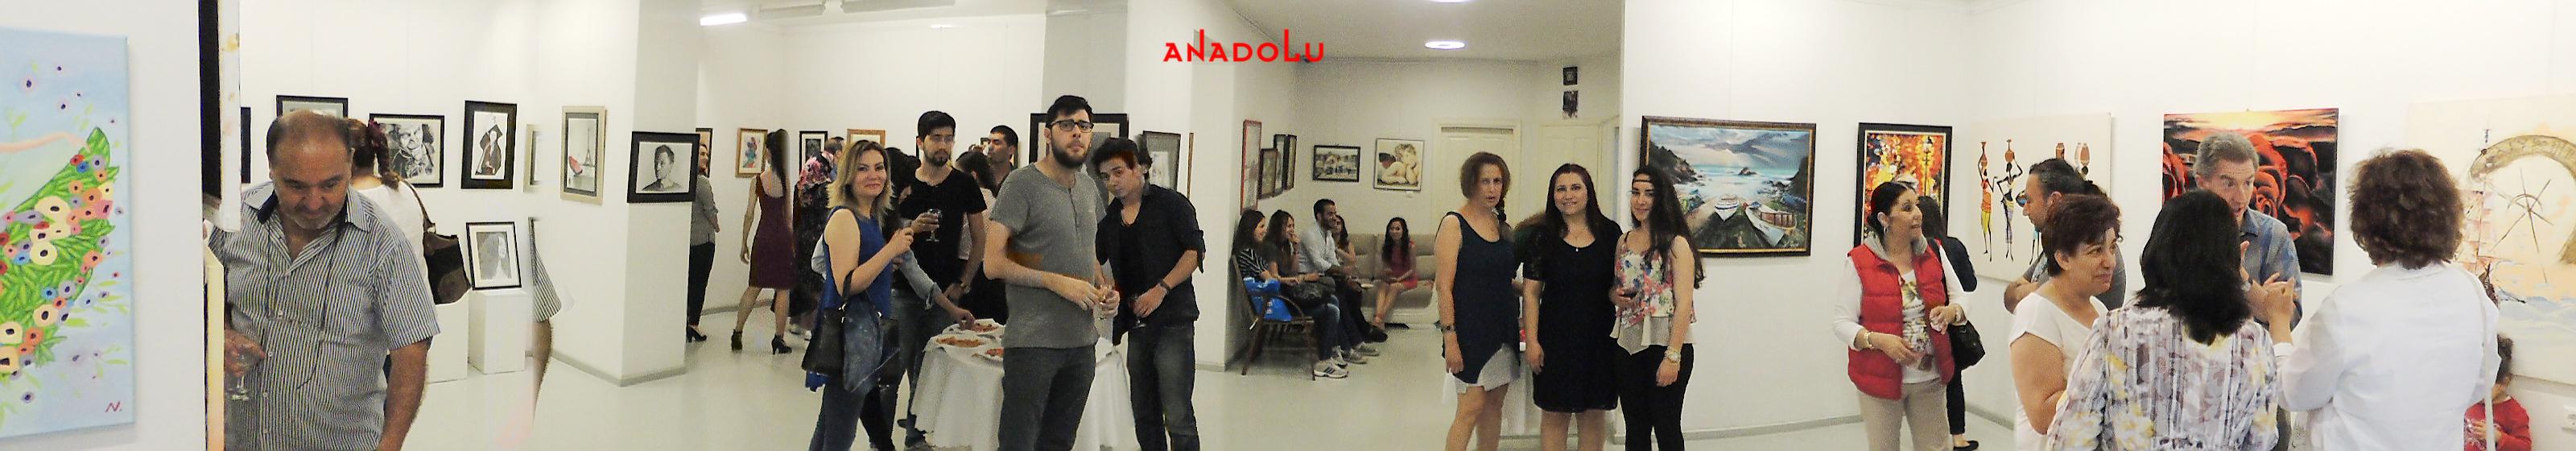 Hobi Sanat Sergileri Bursa